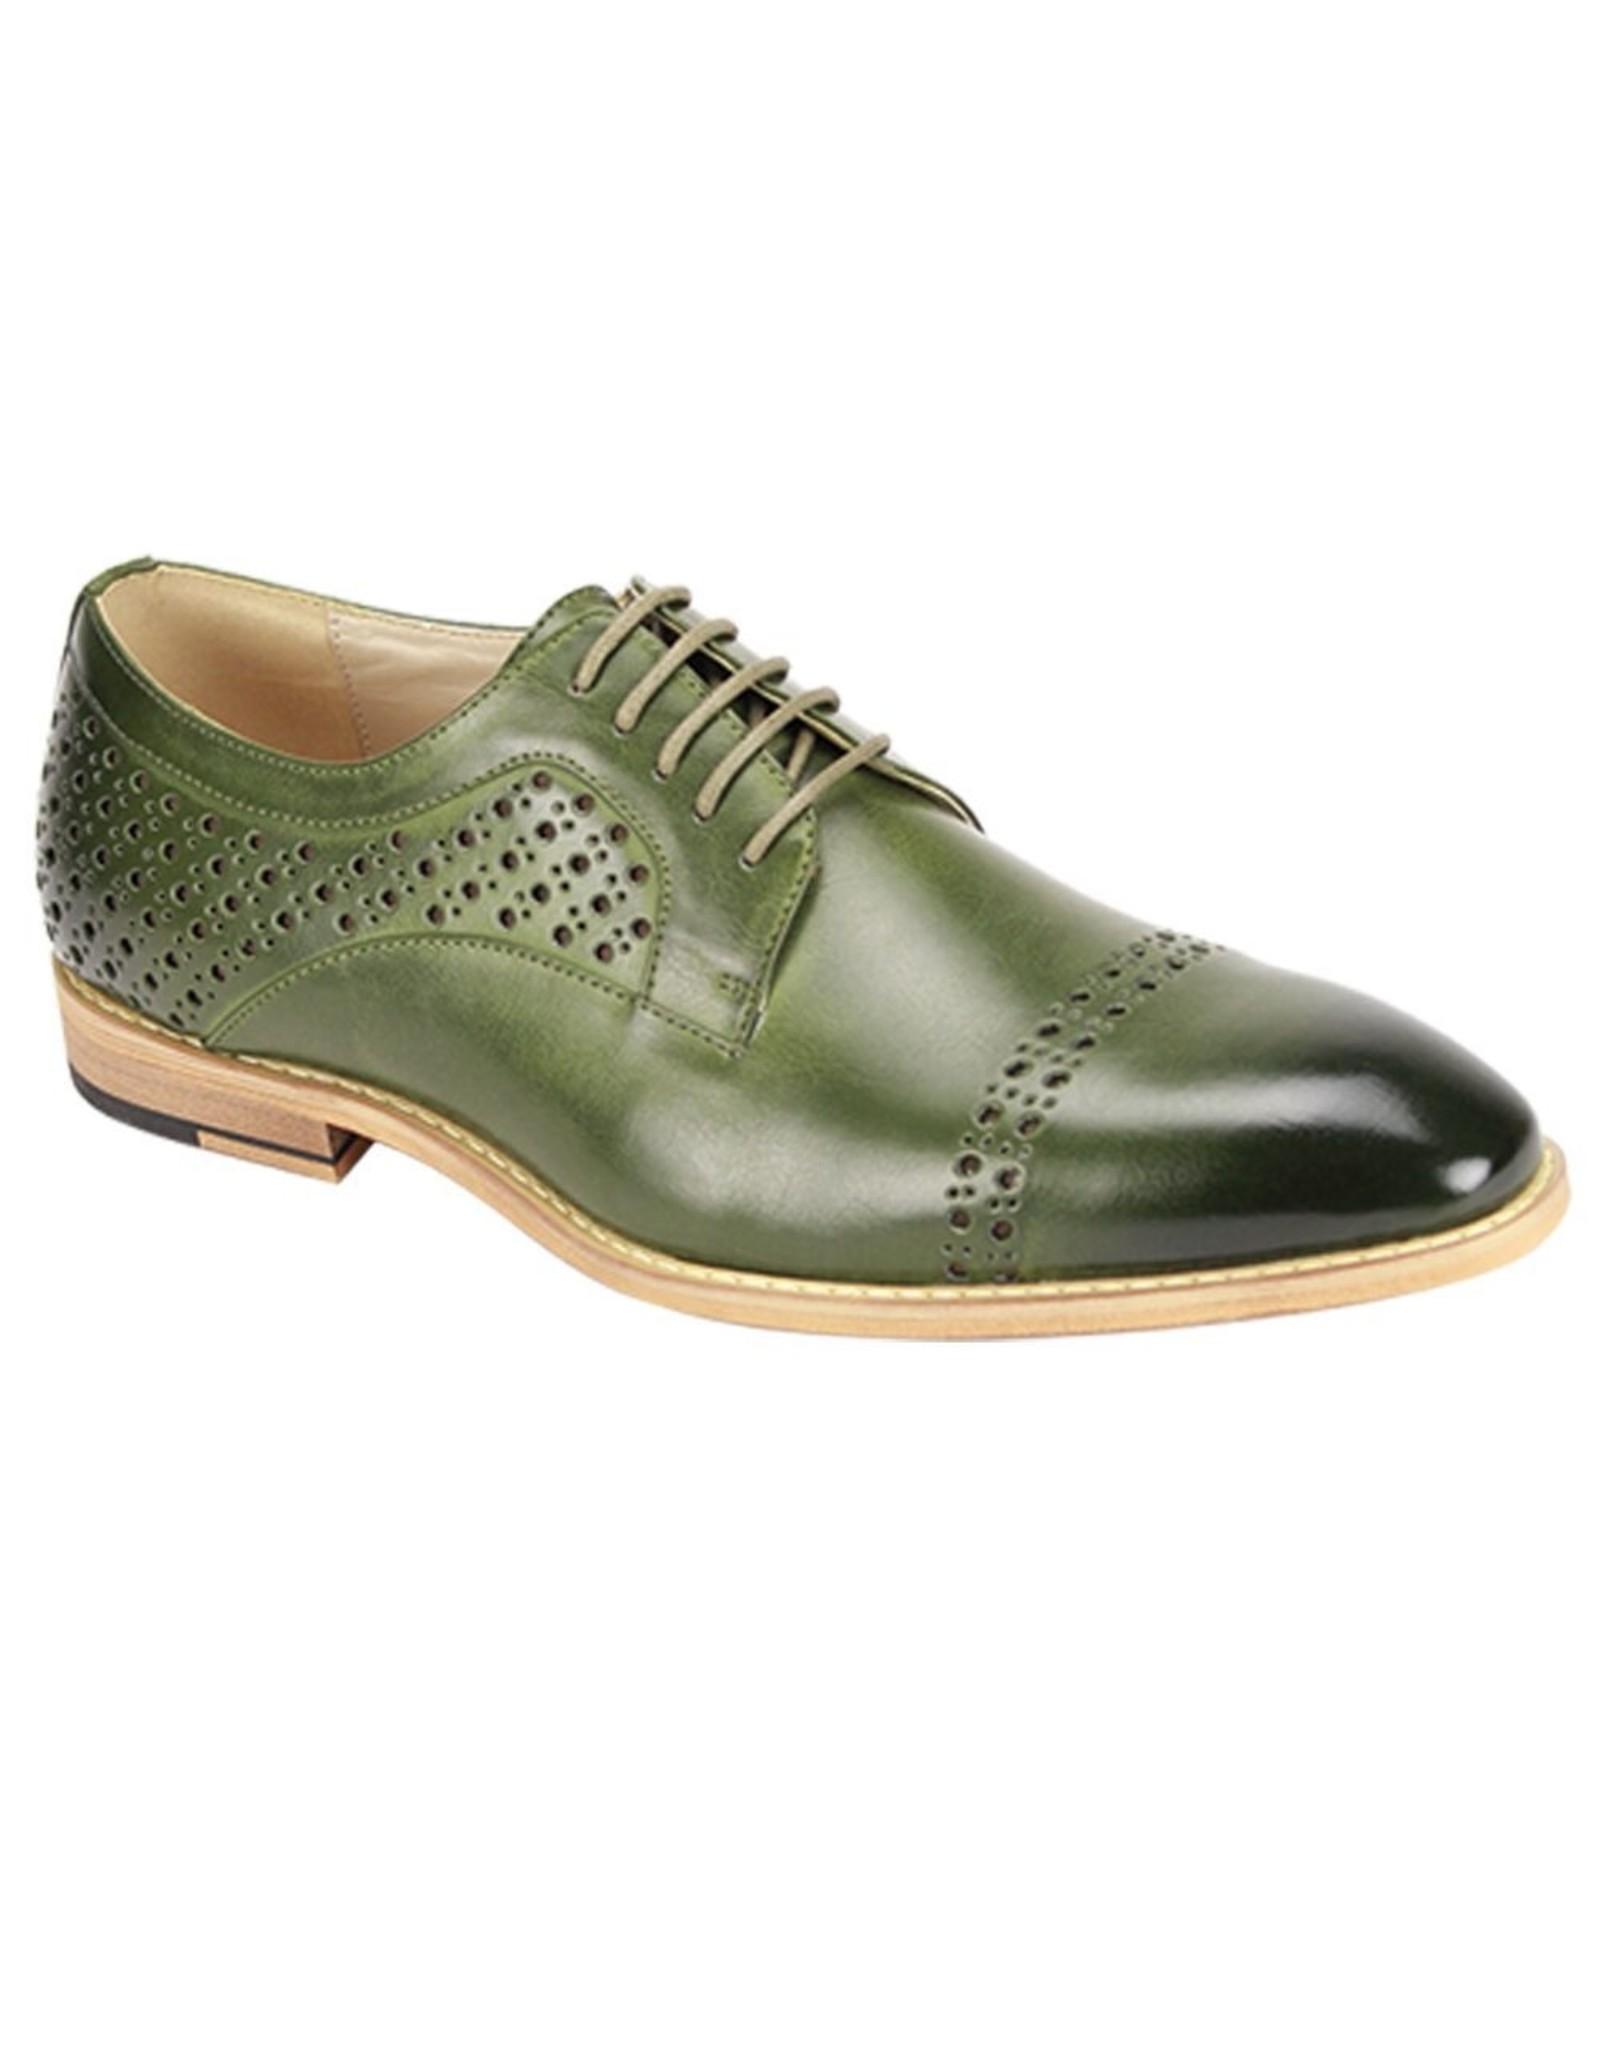 Antonio Cerrelli Antonio Cerrelli 6812 Dress Shoe - Olive